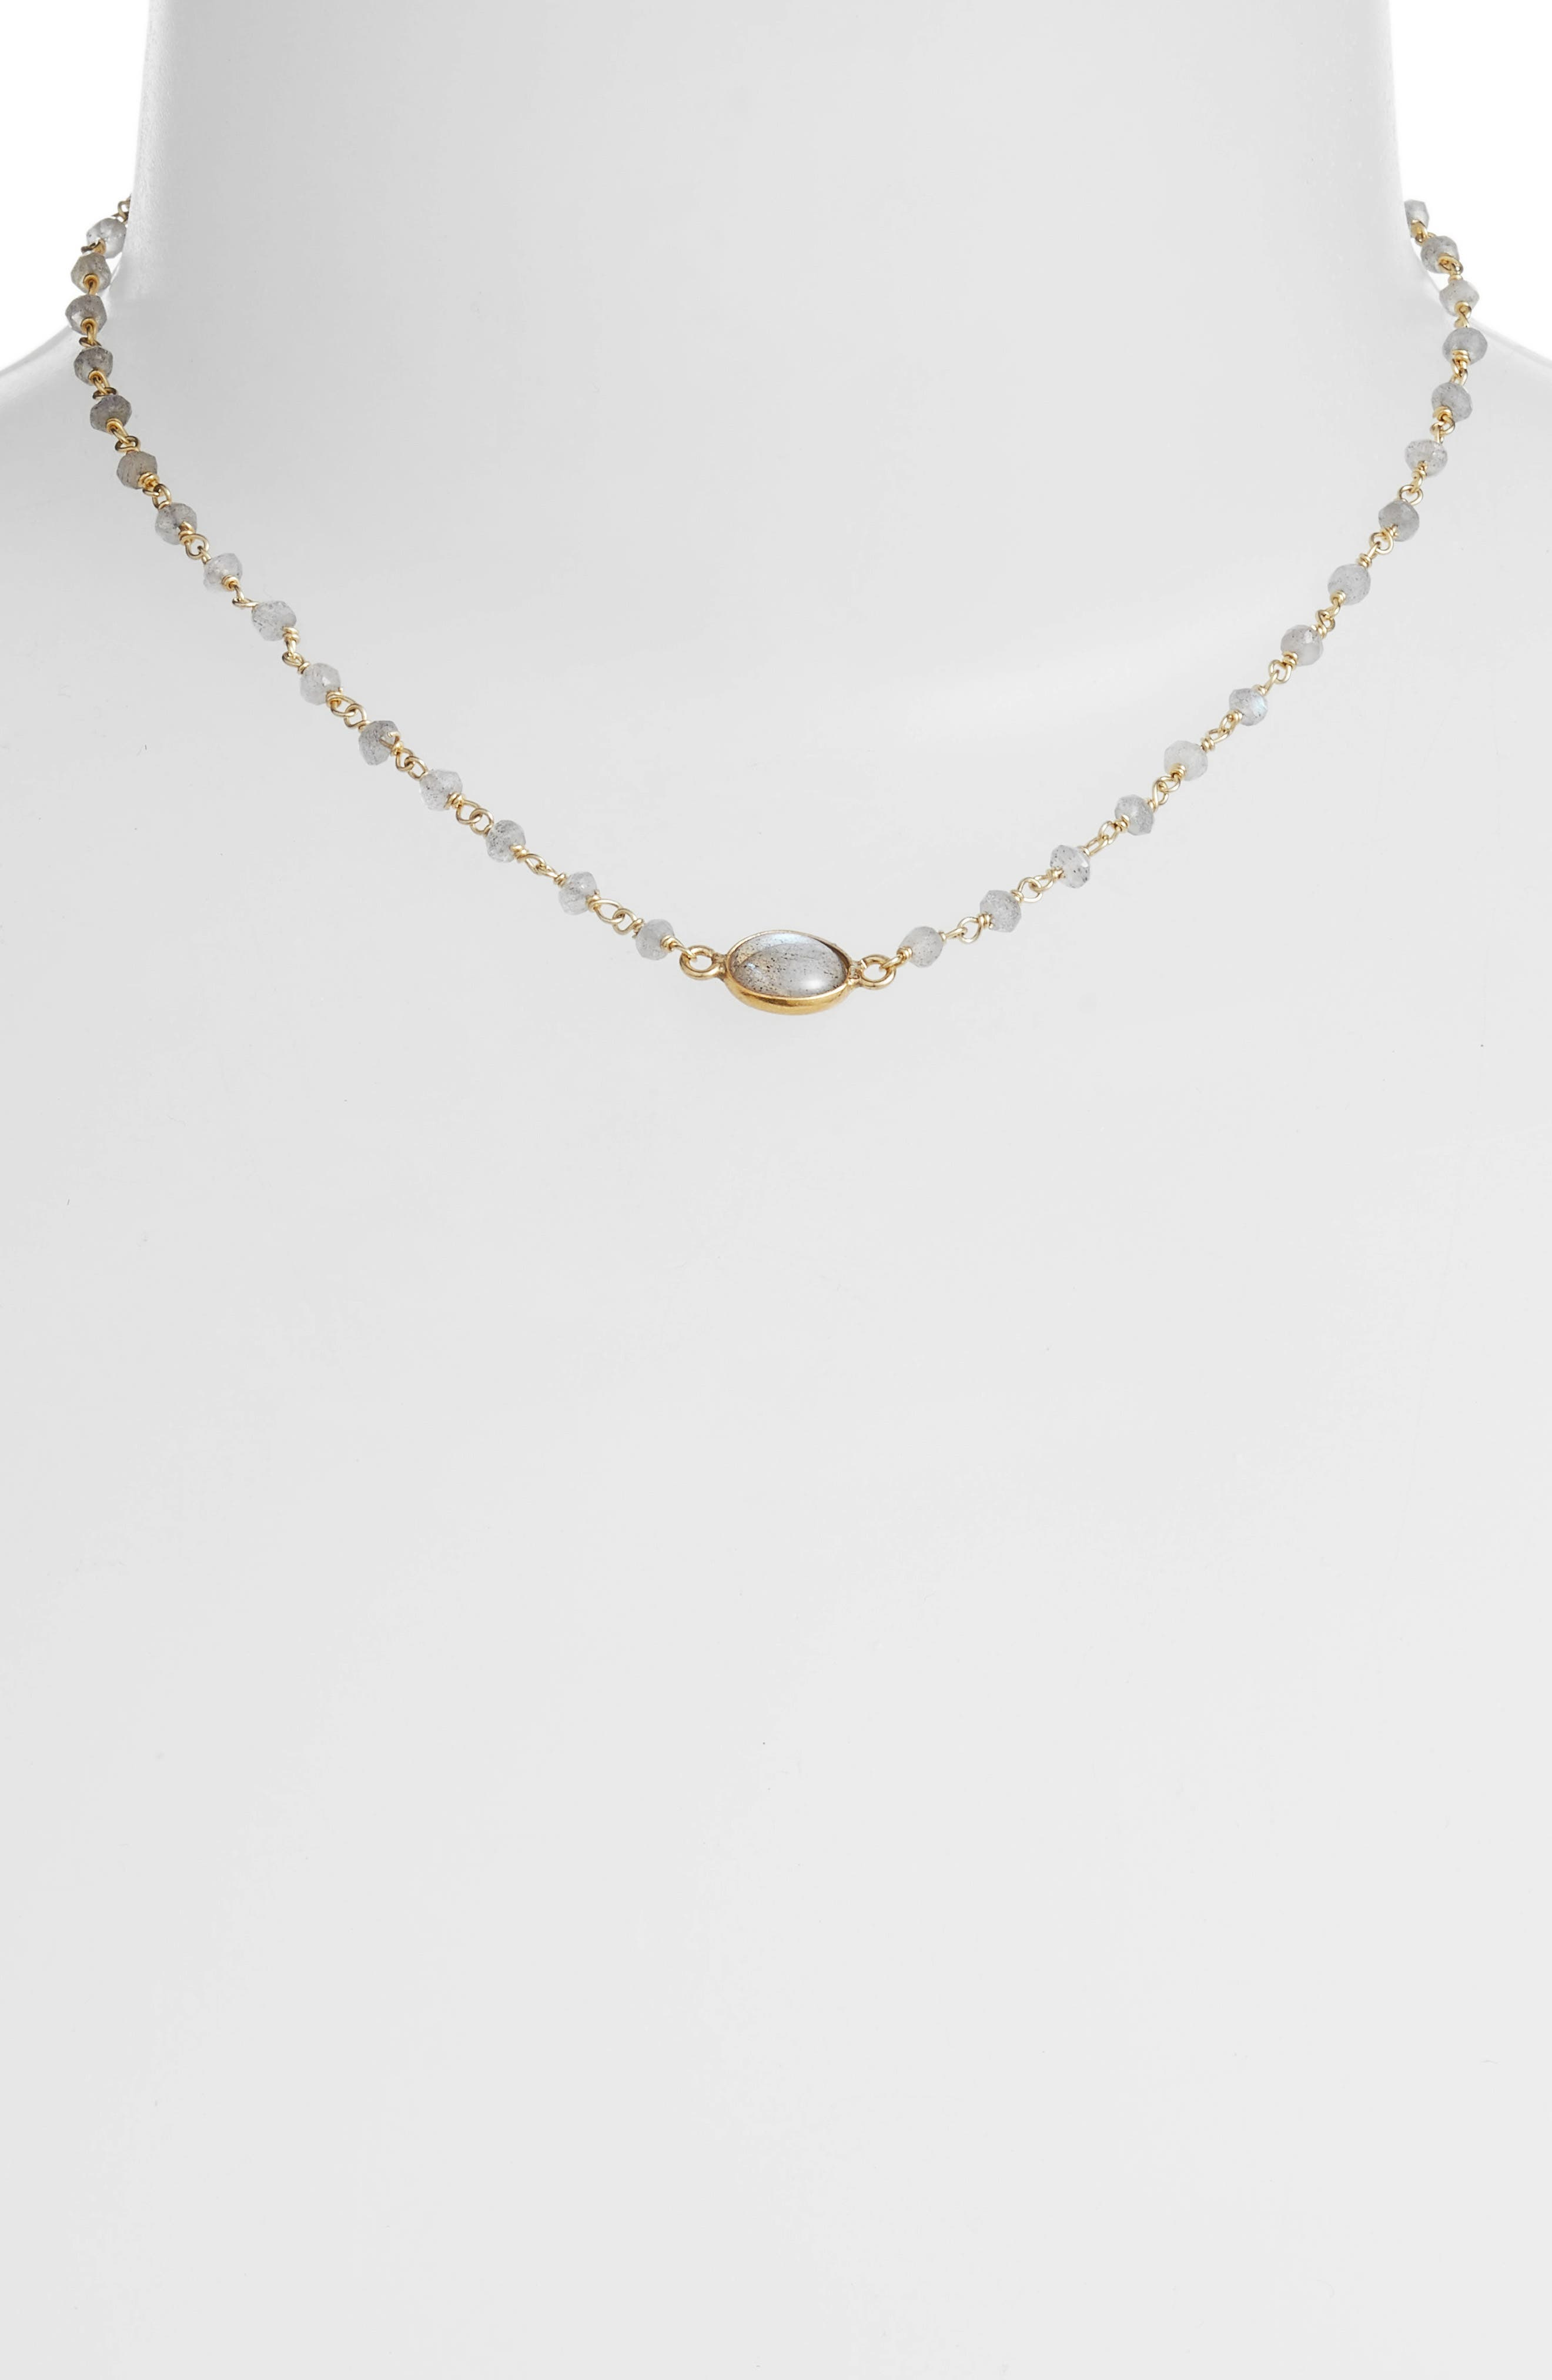 Libi Semiprecious Stone Collar Necklace,                             Alternate thumbnail 2, color,                             LABRADORITE